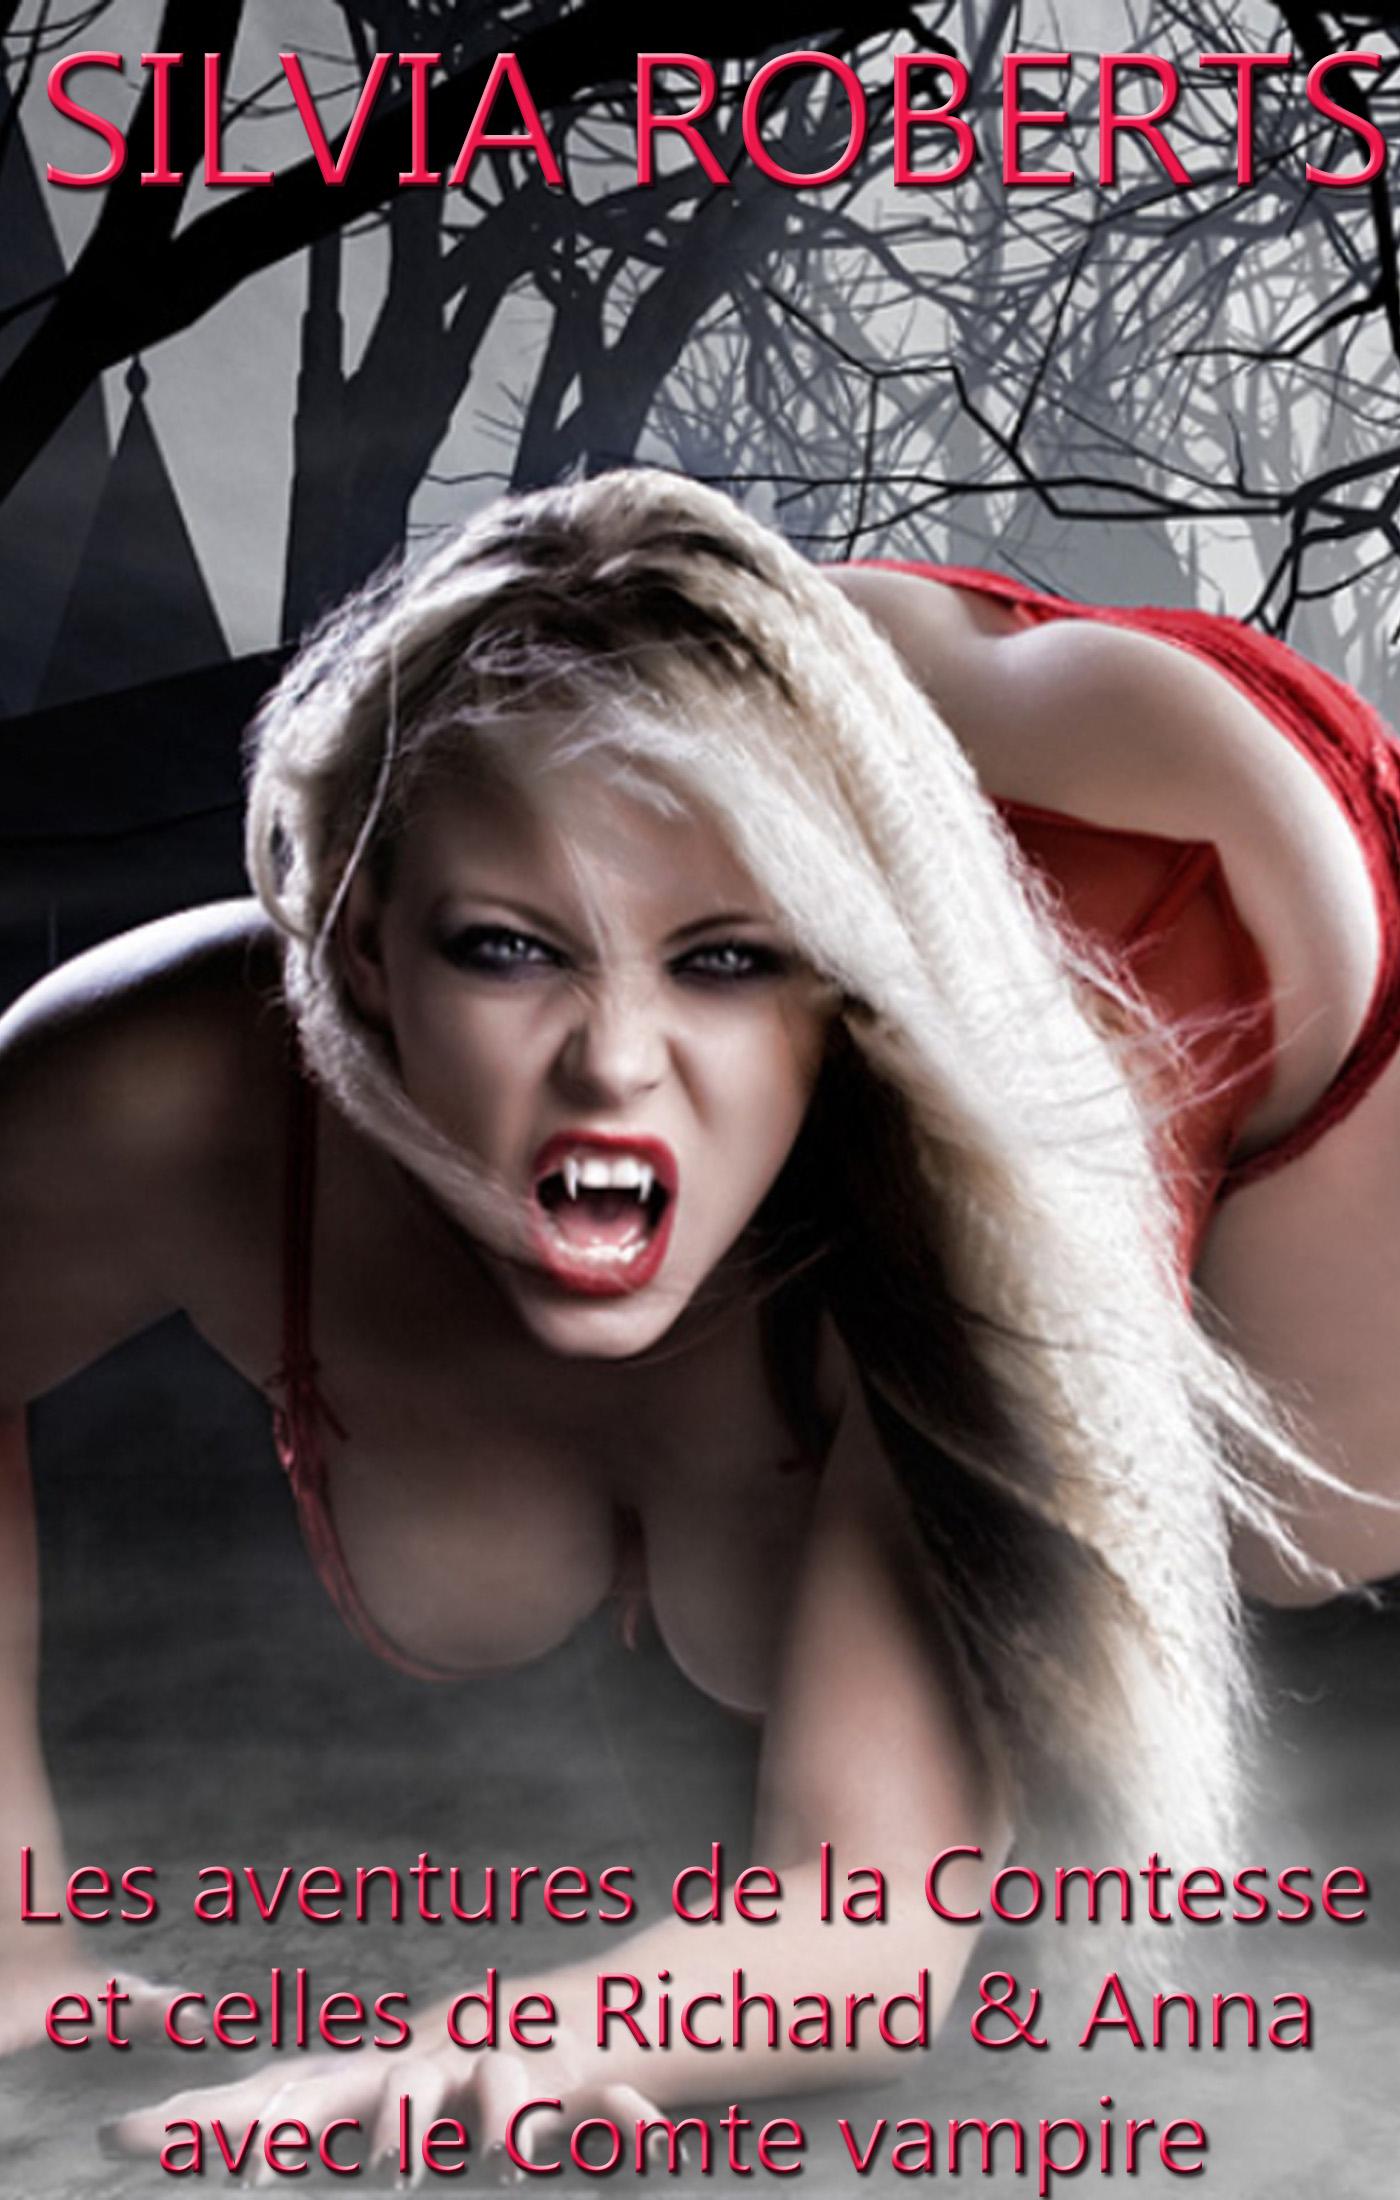 Sexy vampire women photos for free sexy videos